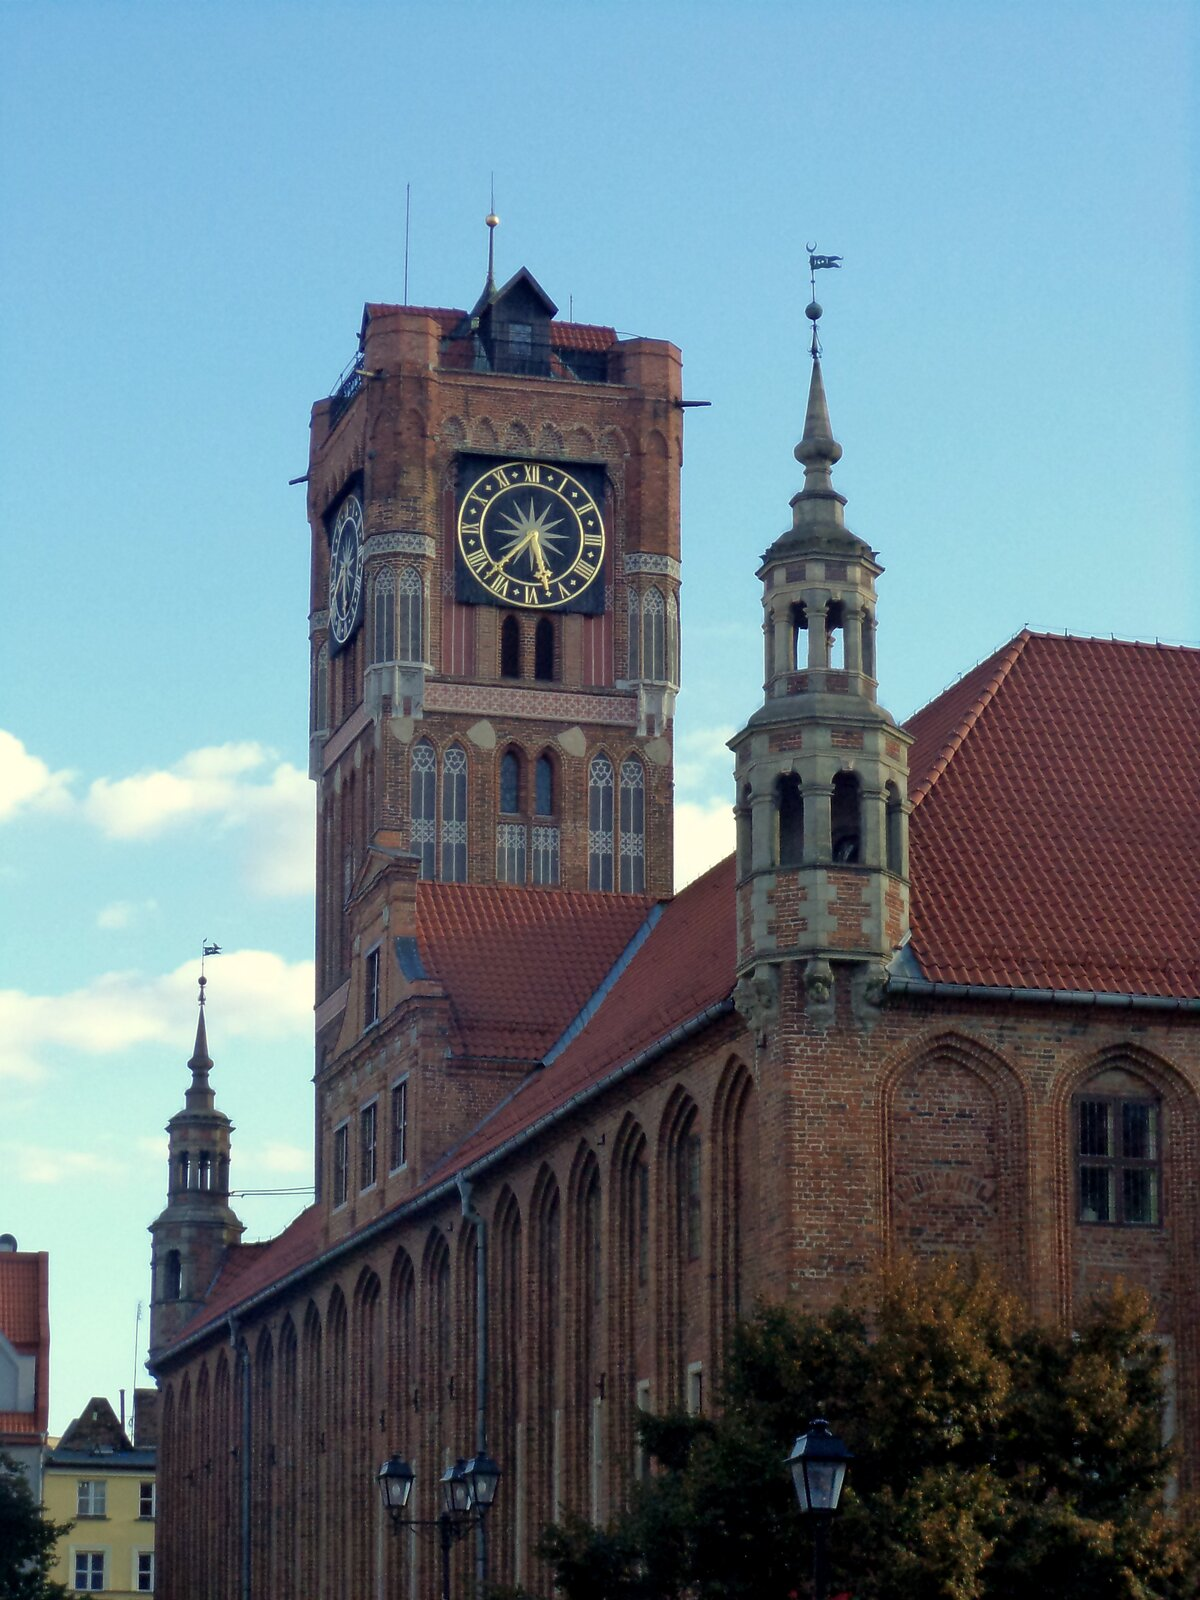 Ilustracja przedstawia Ratusz Staromiejski zXIII wieku wToruniu. Na zdjęciu ukazany jest budynek zczerwonej cegły ze spadzistym dachem zczerwoną ceramiczną dachówką, zbudowany wstylu gotyckim. Nad bryłą góruje potężna wieża zzegarem. Na ścianach budowli znajdują się charakterystyczne dla gotyku wnęki zakończone ostrym łukiem. Naroża zwieńczone są nadwieszonymi wieżyczkami, które dobudowano na początku XVII wieku.